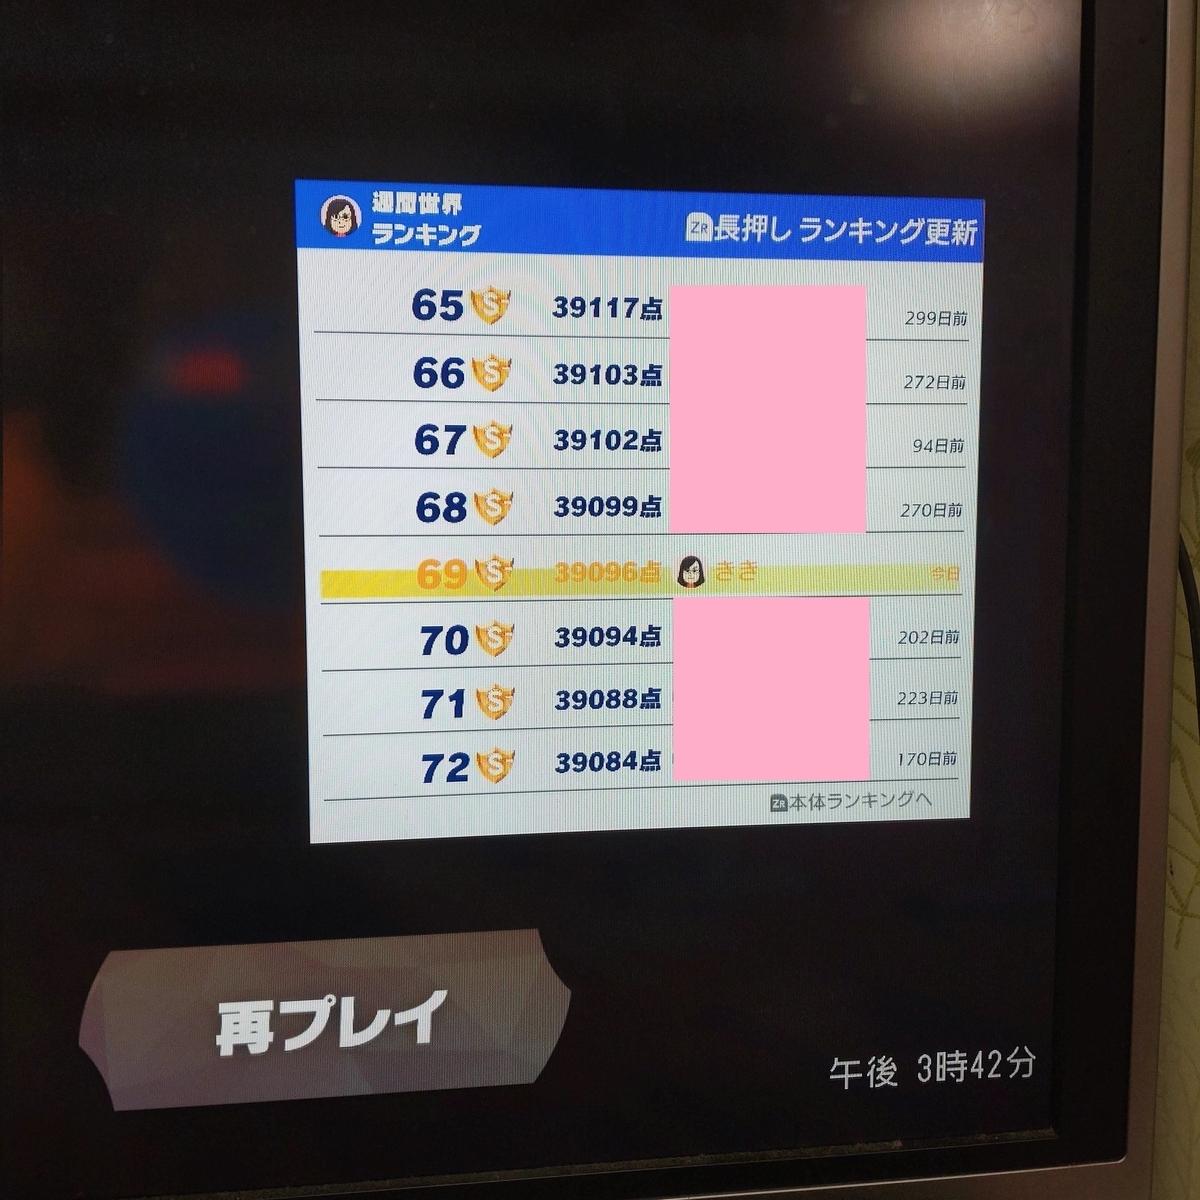 f:id:kintoreokan:20210809000752j:plain